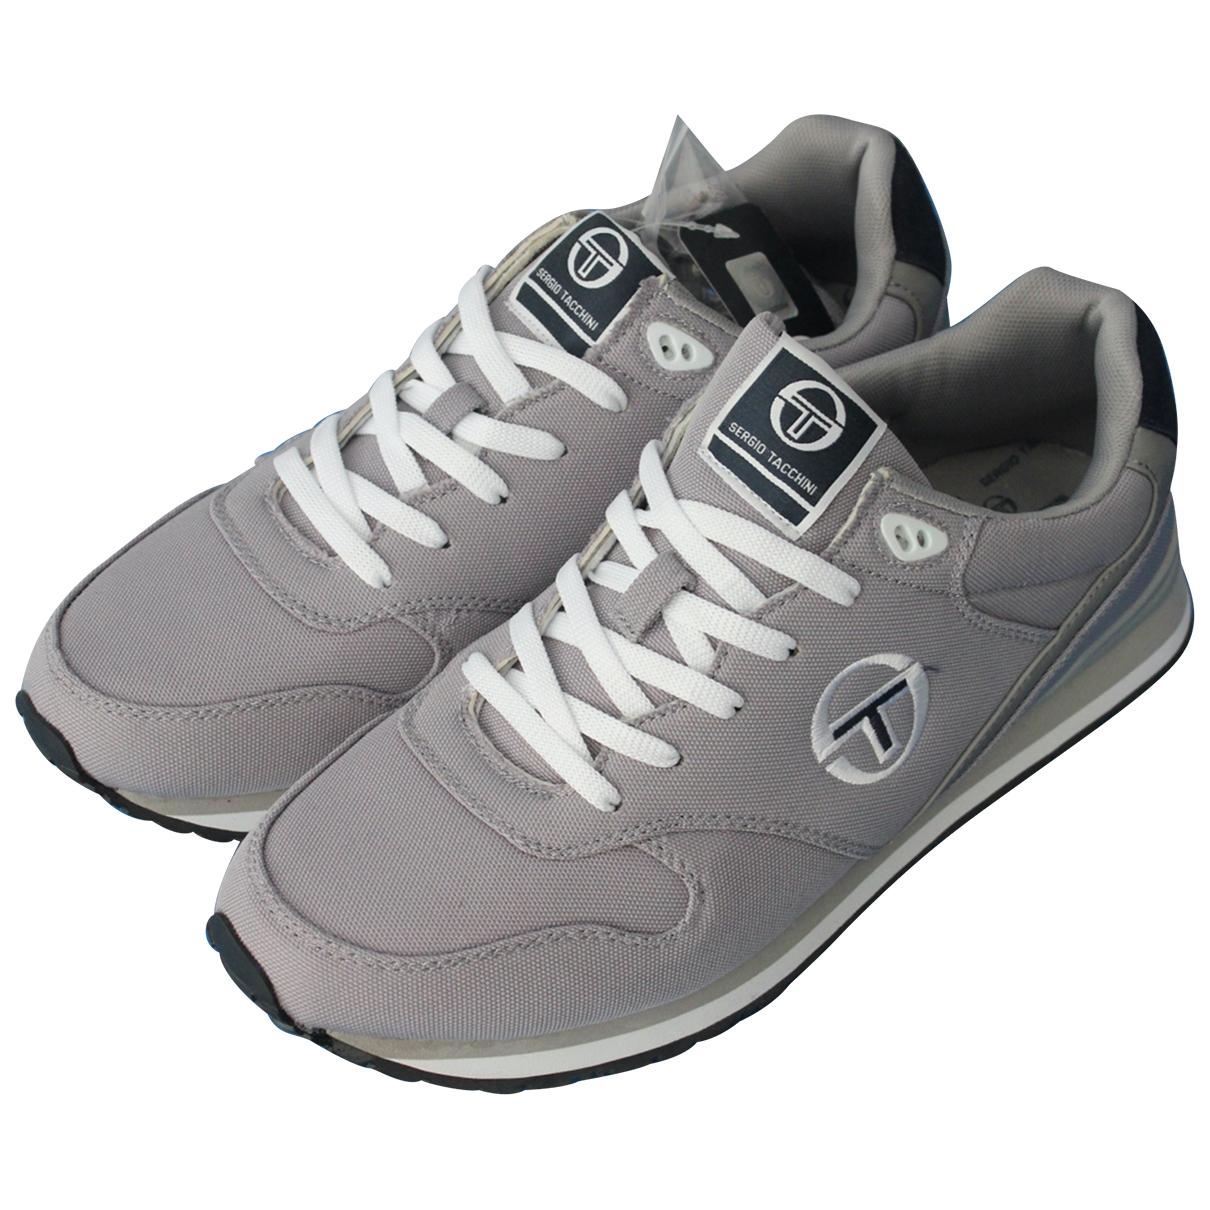 Sergio Tacchini - Baskets   pour homme en toile - gris